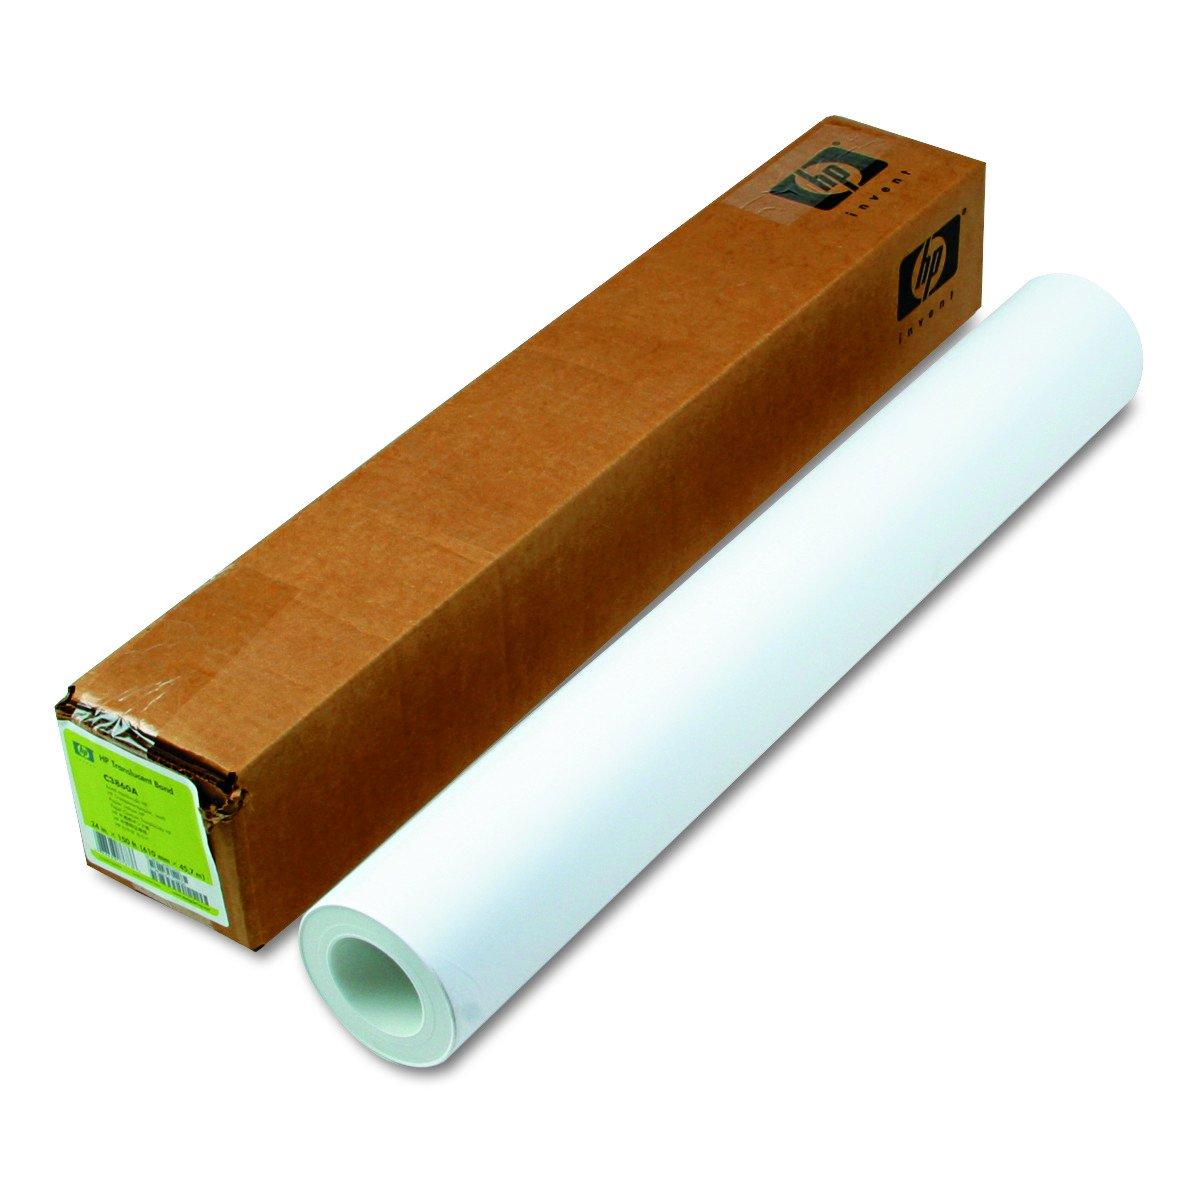 HP C3860A Designjet Inkjet Large Format Paper, 24'' x 150 ft, Translucent